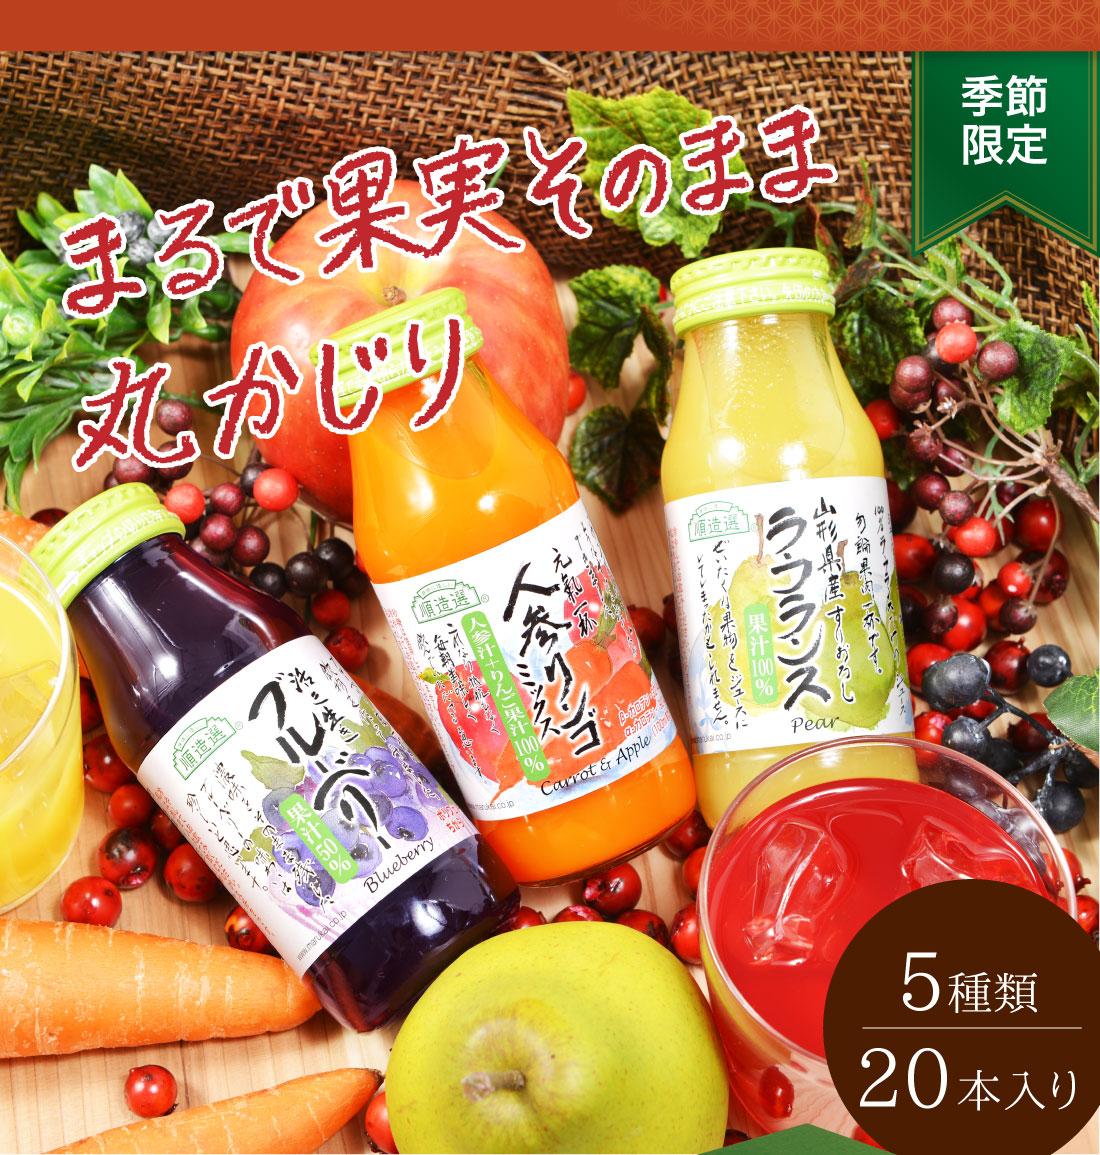 順造選 フルーツジュースセット